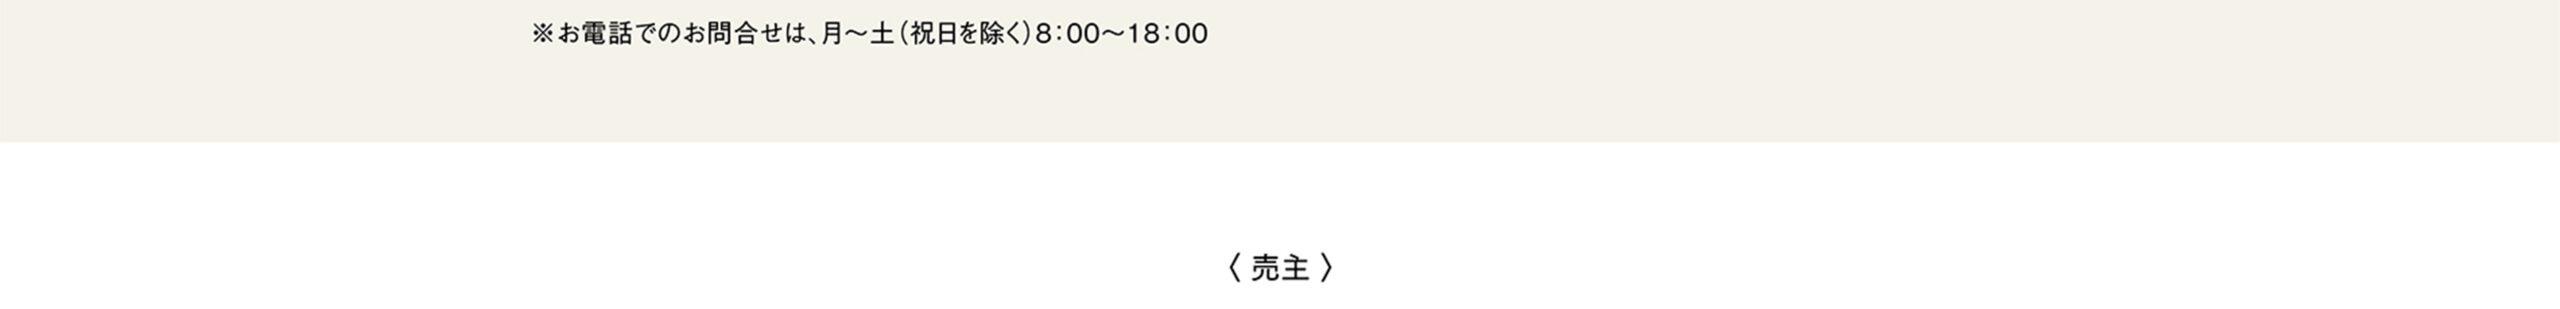 福岡県福岡市早良区にある新築一戸建て・土地・宅地「セフィットコート重留 (建築条件付宅地分譲)」のご紹介。資料請求・来場予約もこちらから。